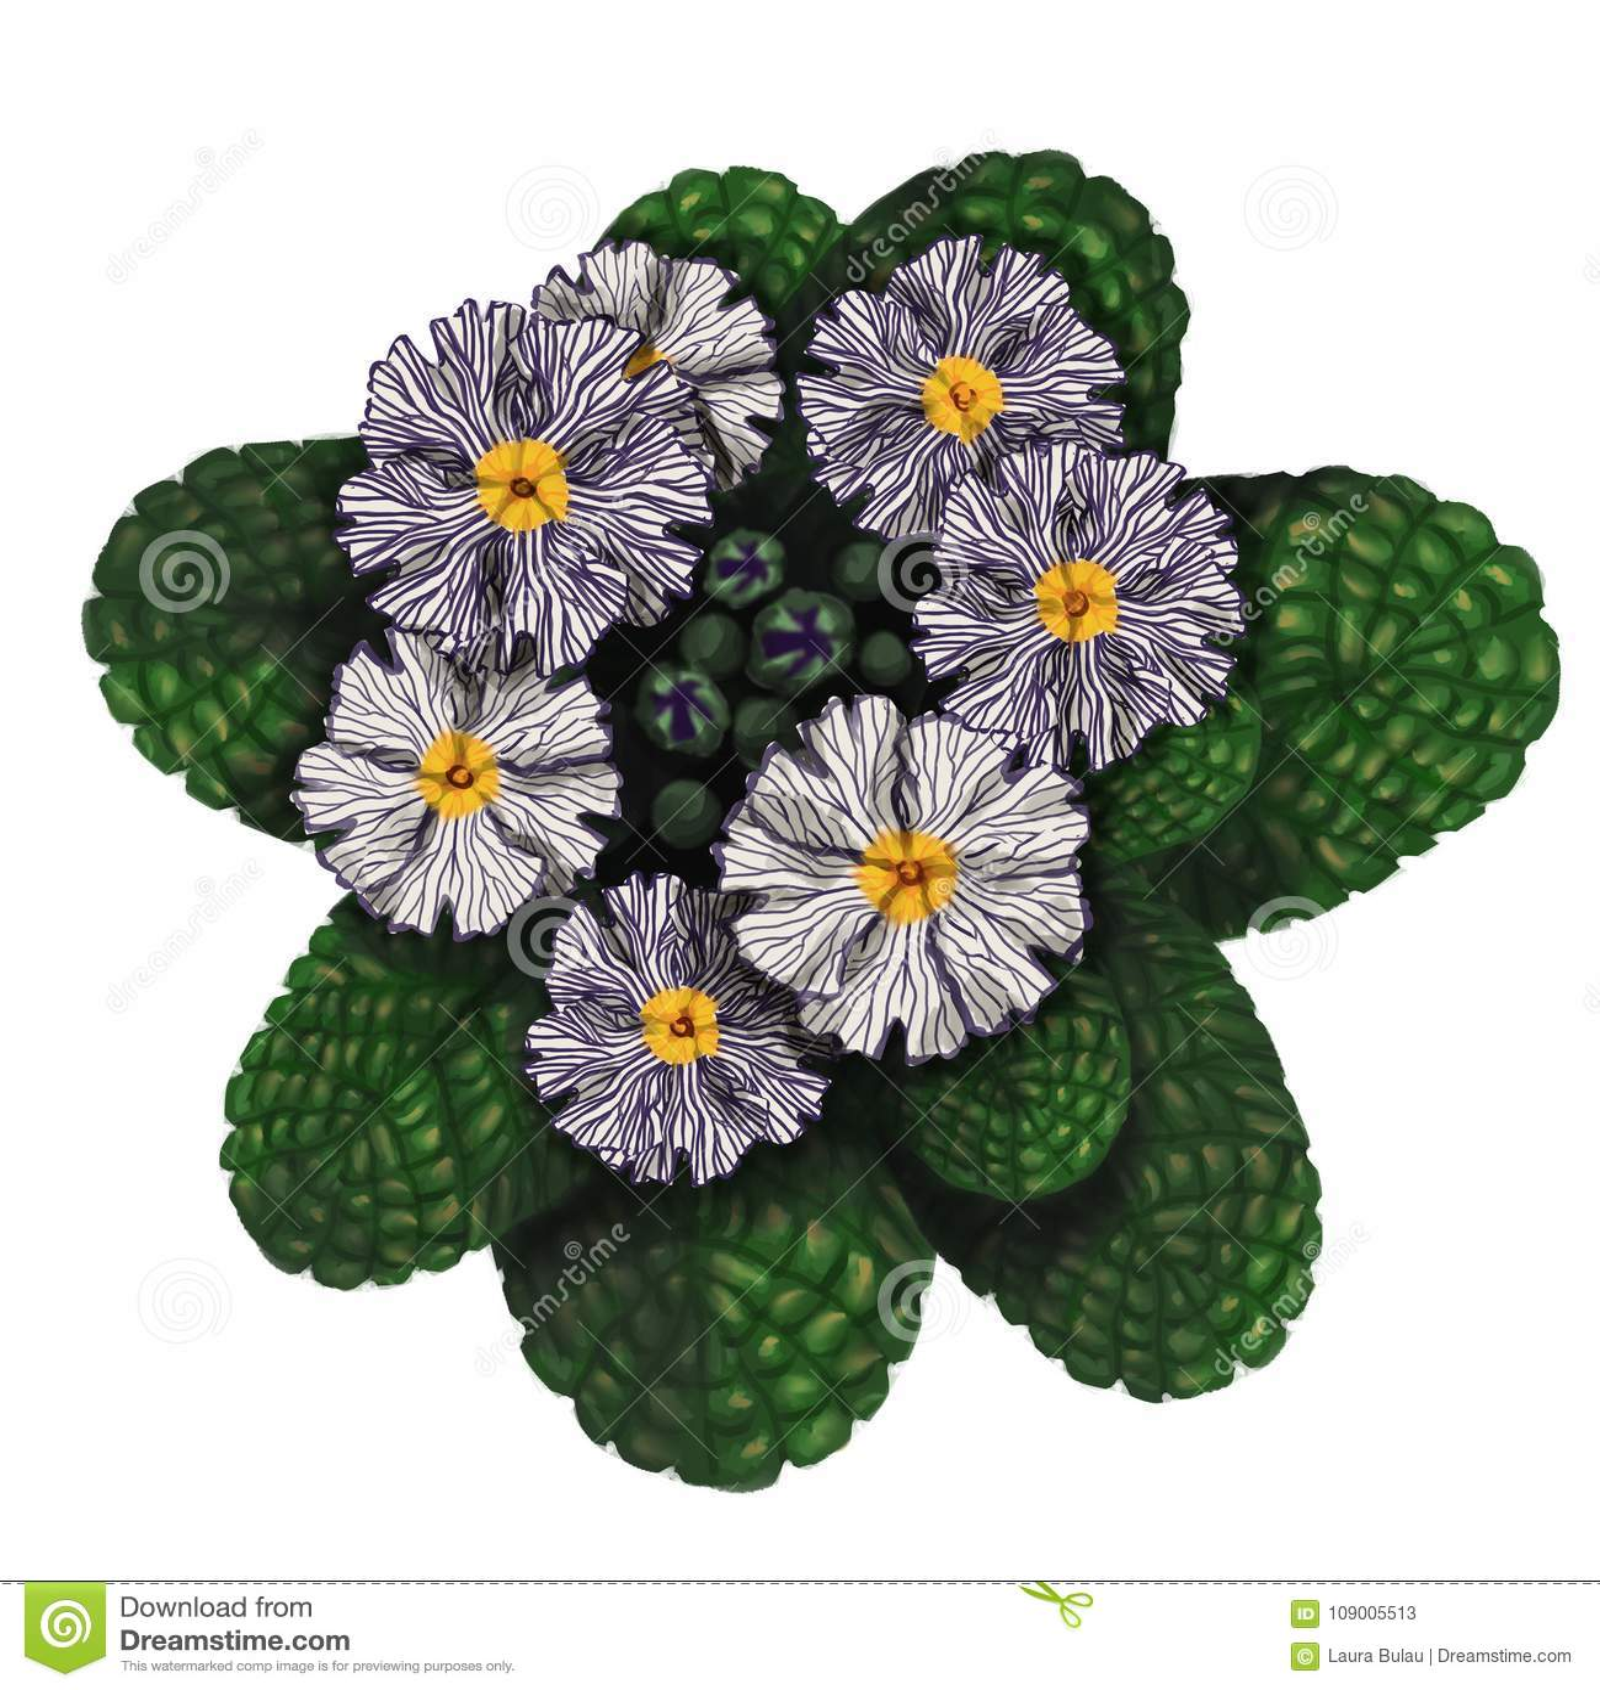 Immagine realistica dei fiori disegnati a mano della primaverina